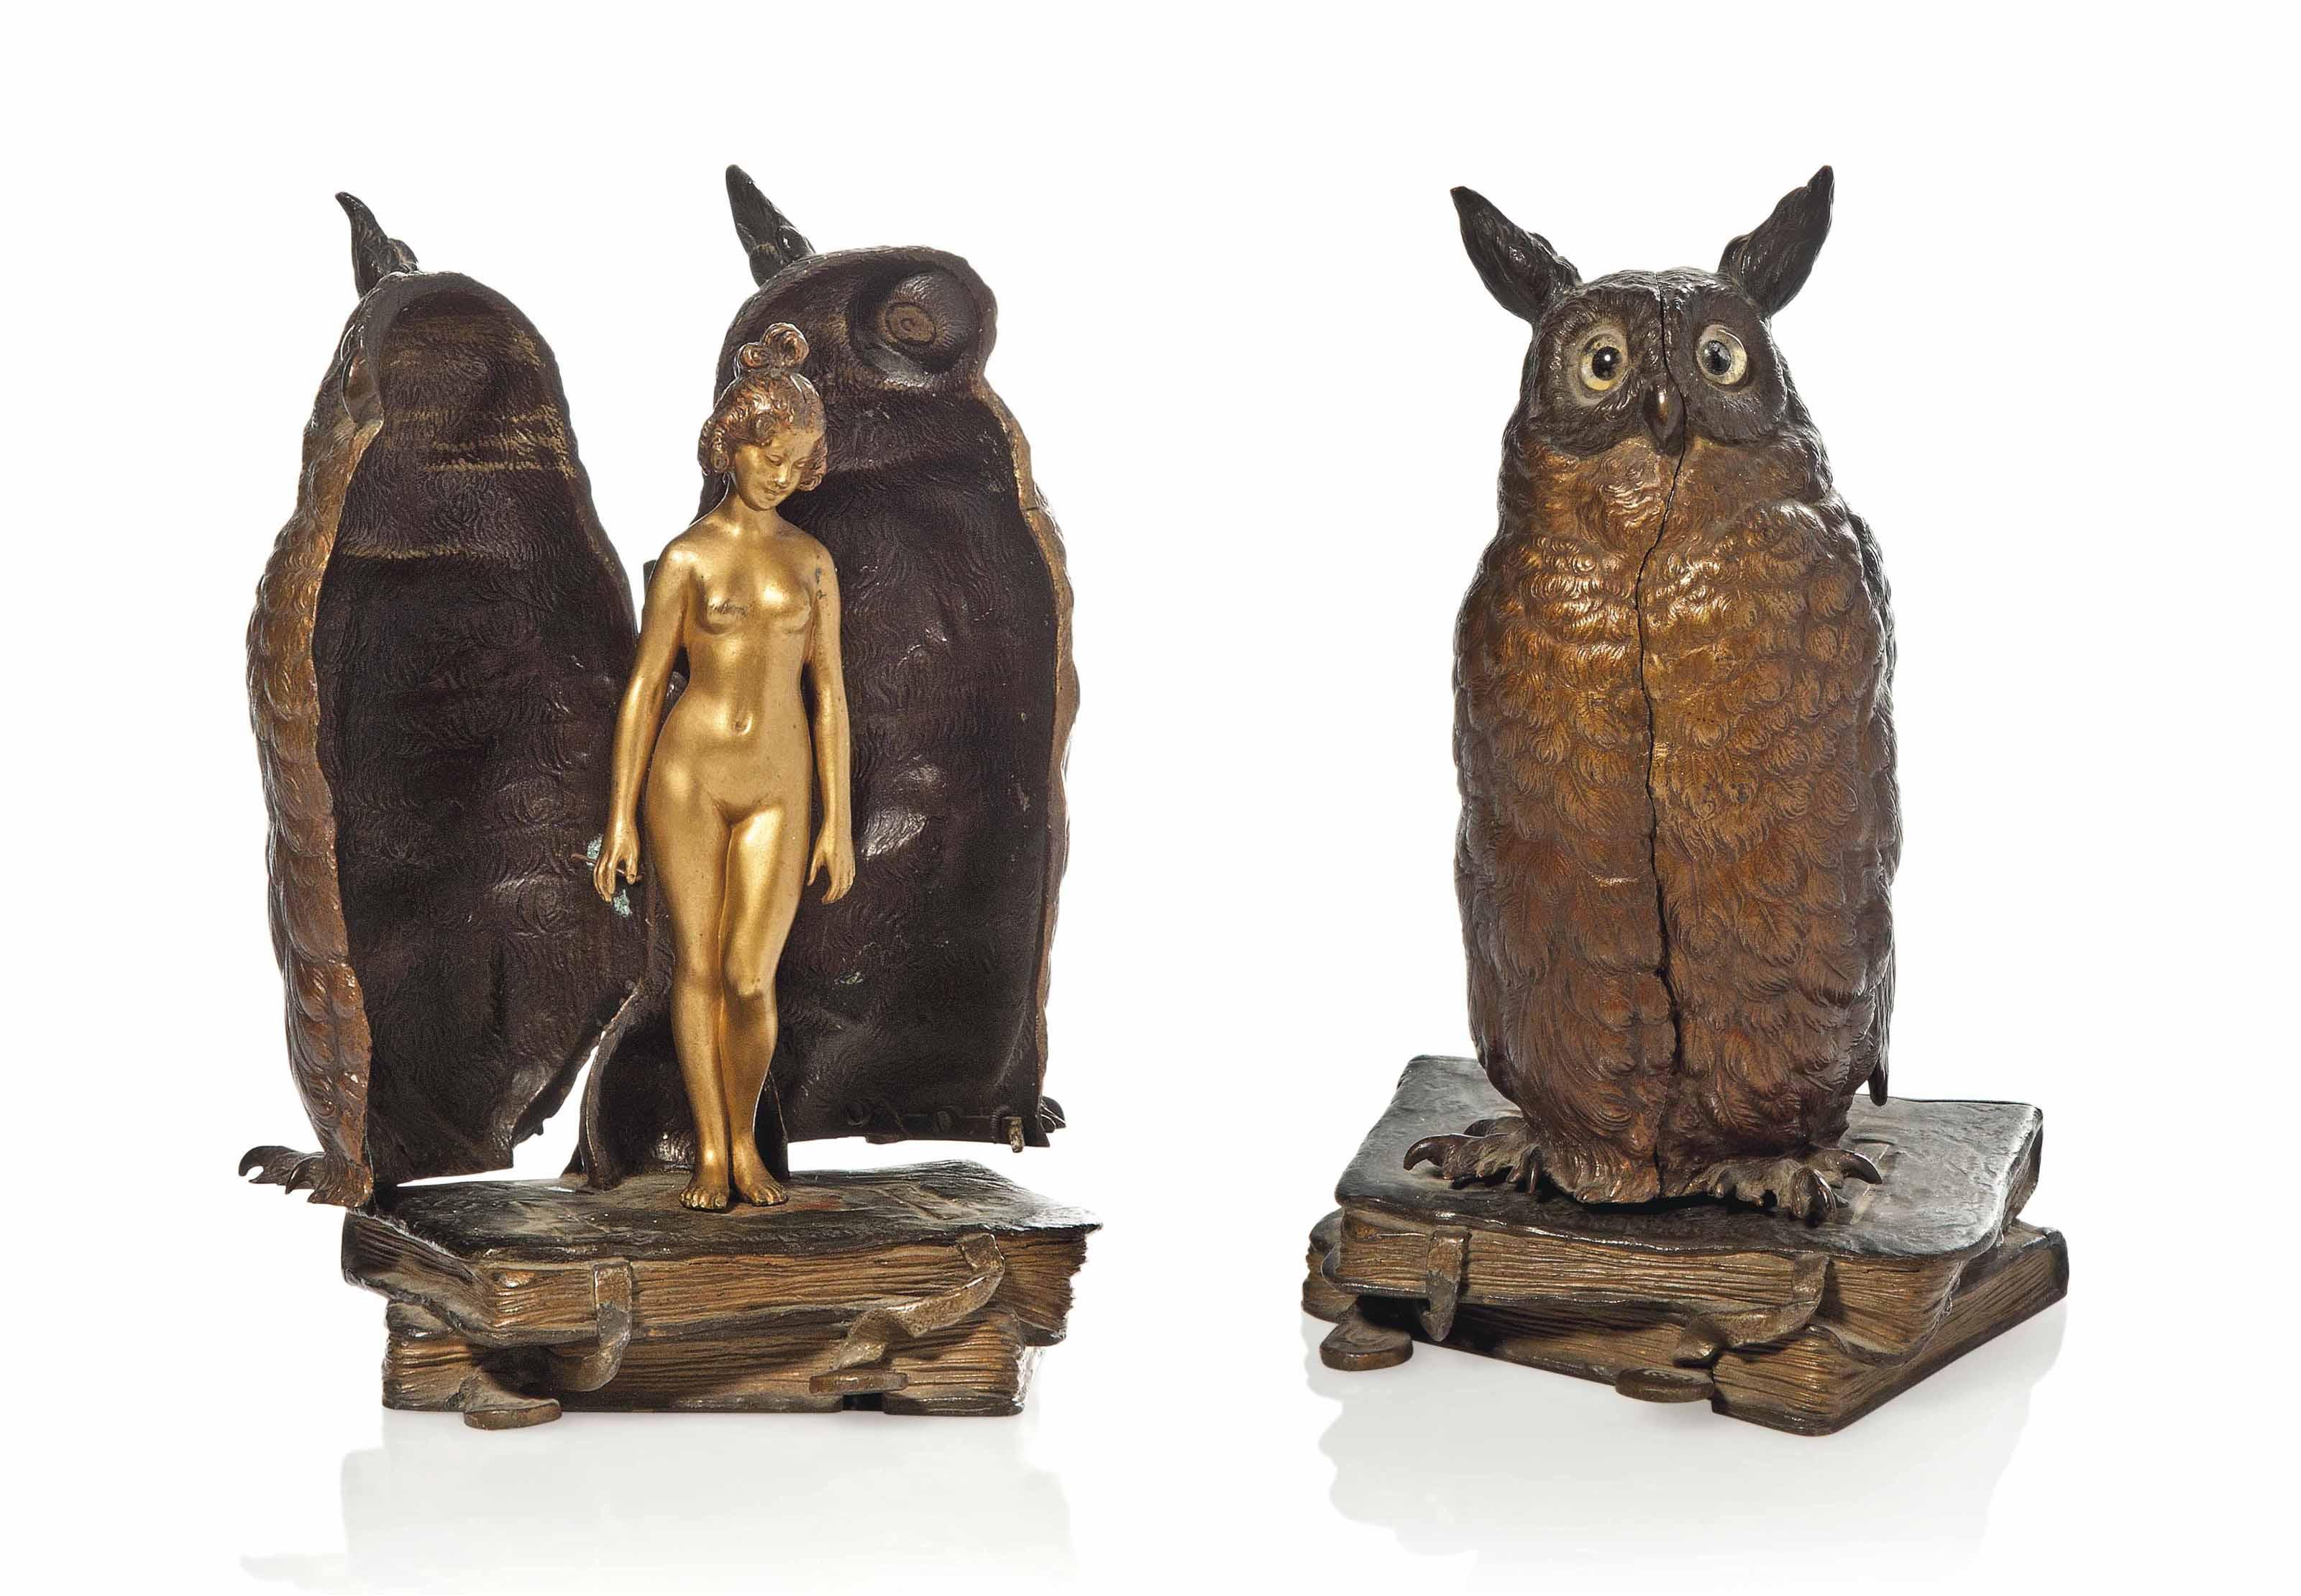 'OWL' A FRANZ XAVIER BERGMANN (1861-1936) COLD-PAINTED BRONZE GROUP